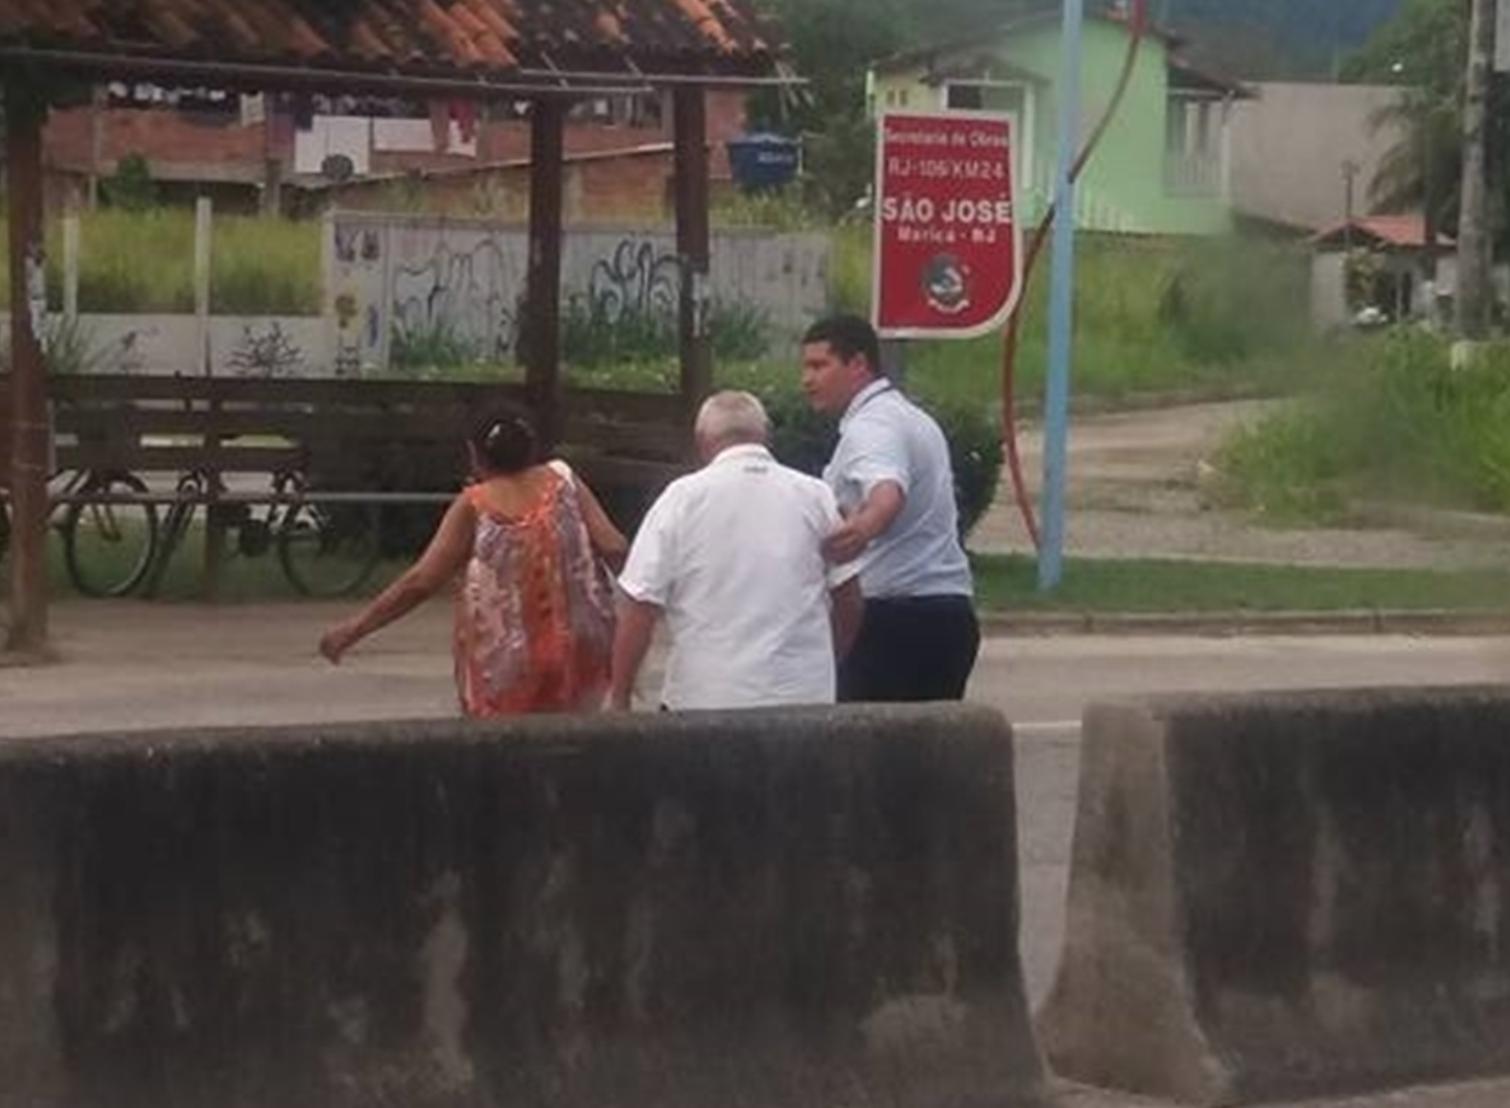 Motorista para o ônibus para ajudar casal de velhinhos a atravessar rodovia 3